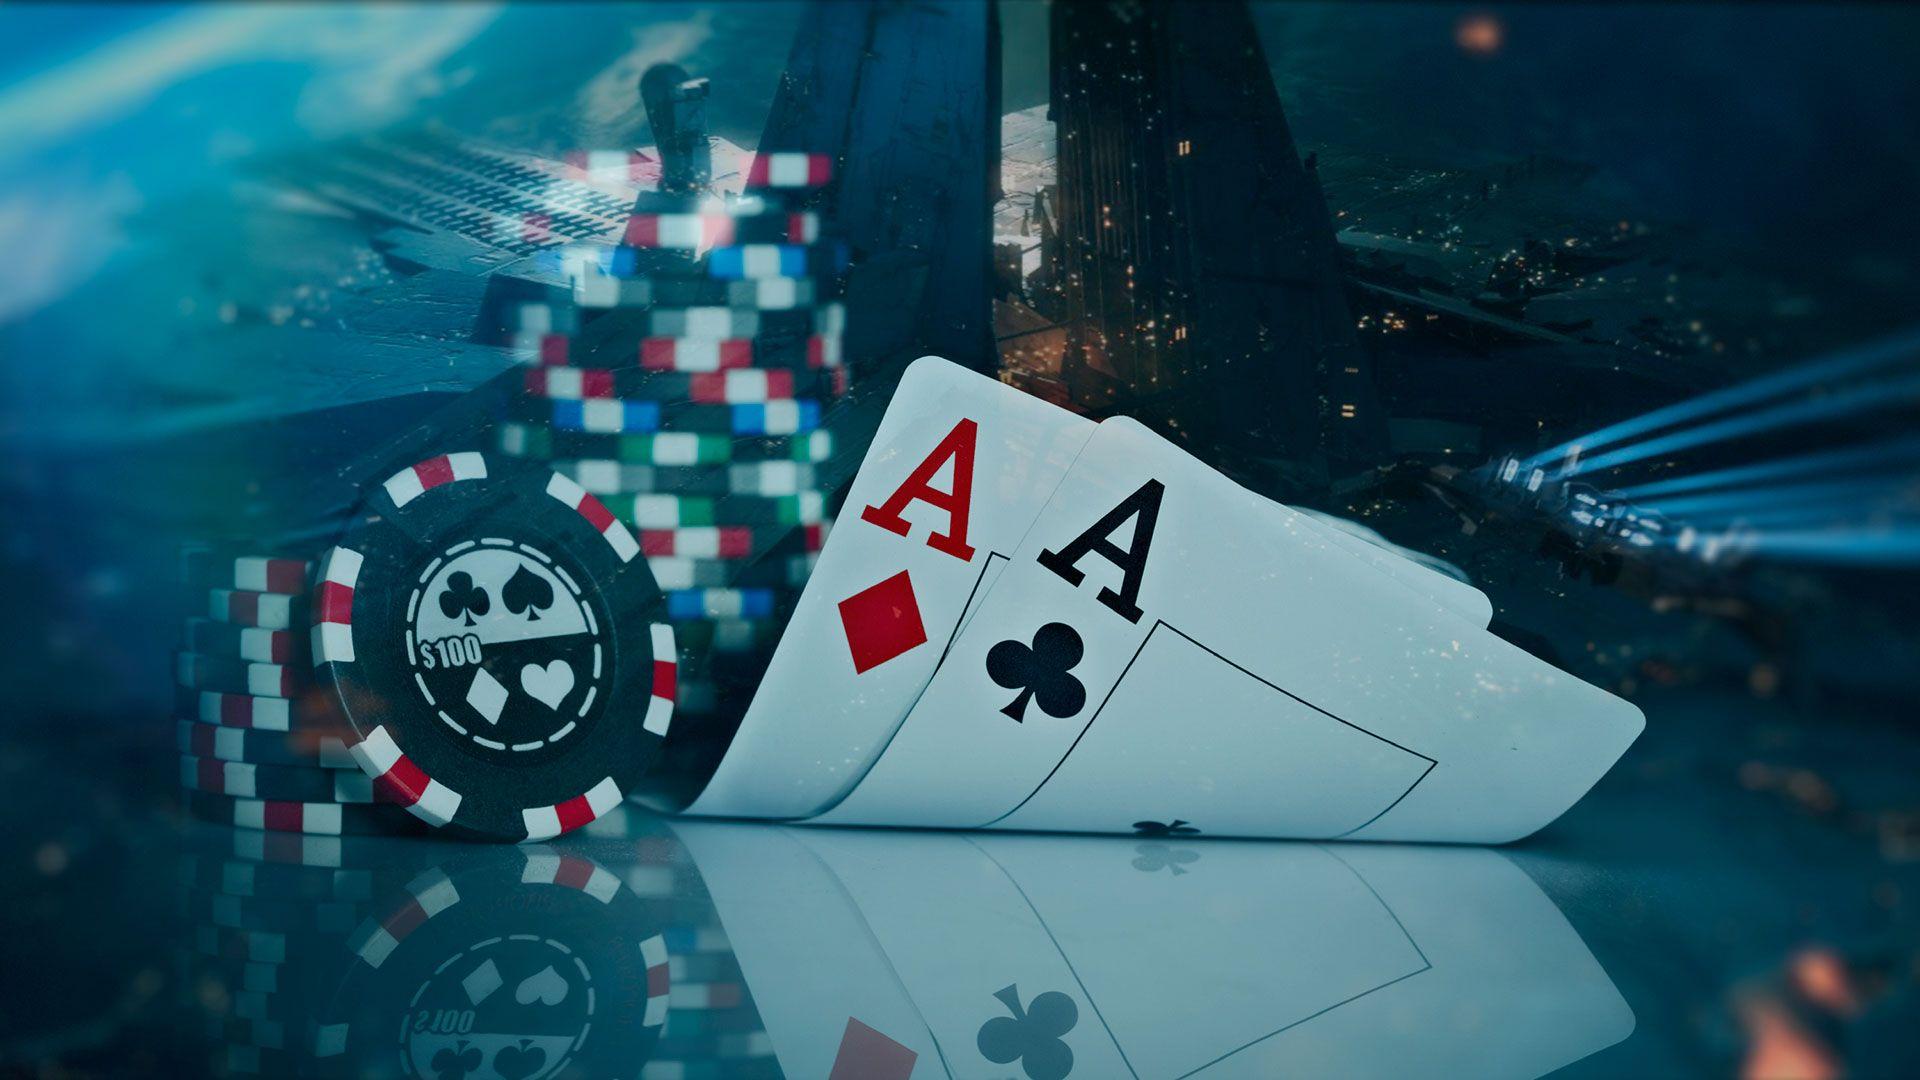 Joker888 Club